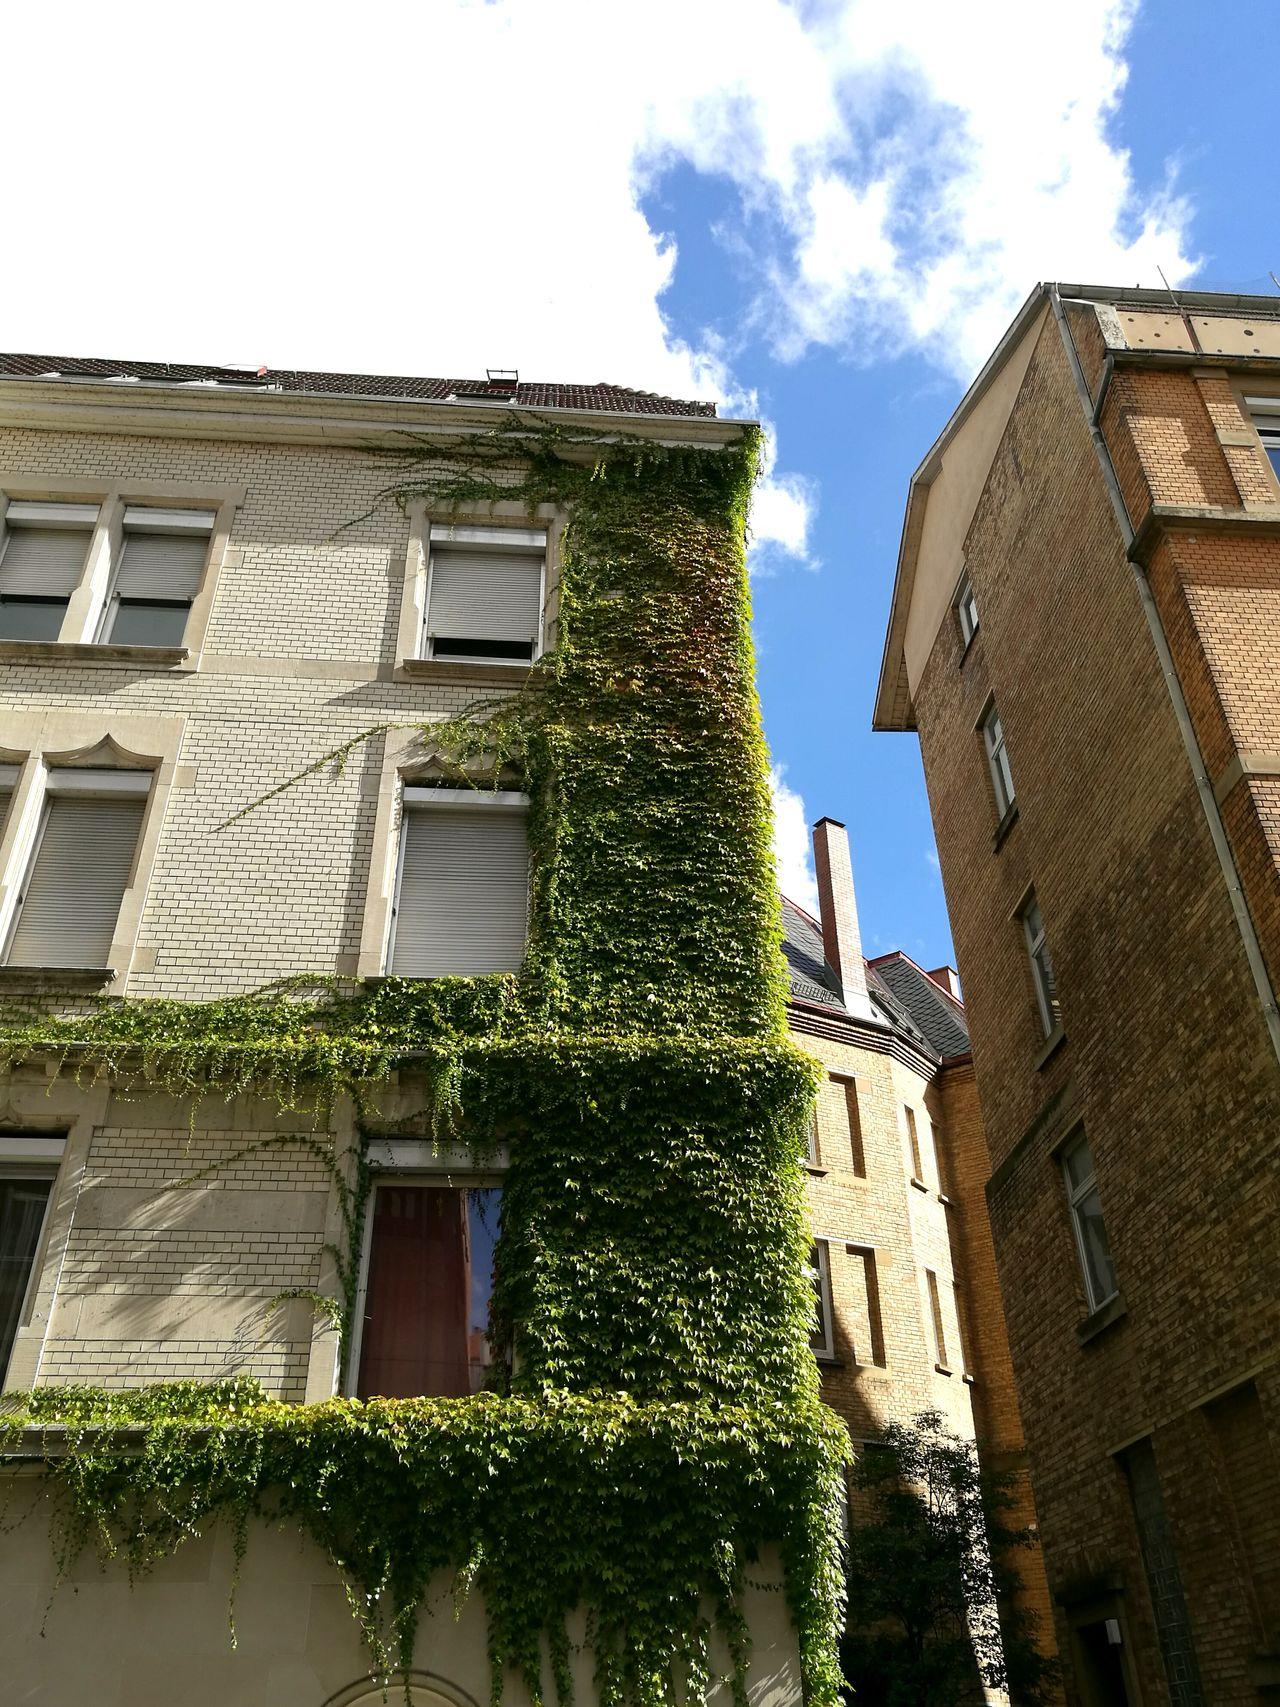 A View into the backyard. Artnouveau Architecture Art Nouveau Architecture Art Nouveau Buildings Art Nouveau Style Architecture_collection Backyard Backyardphotography Backyard Photography